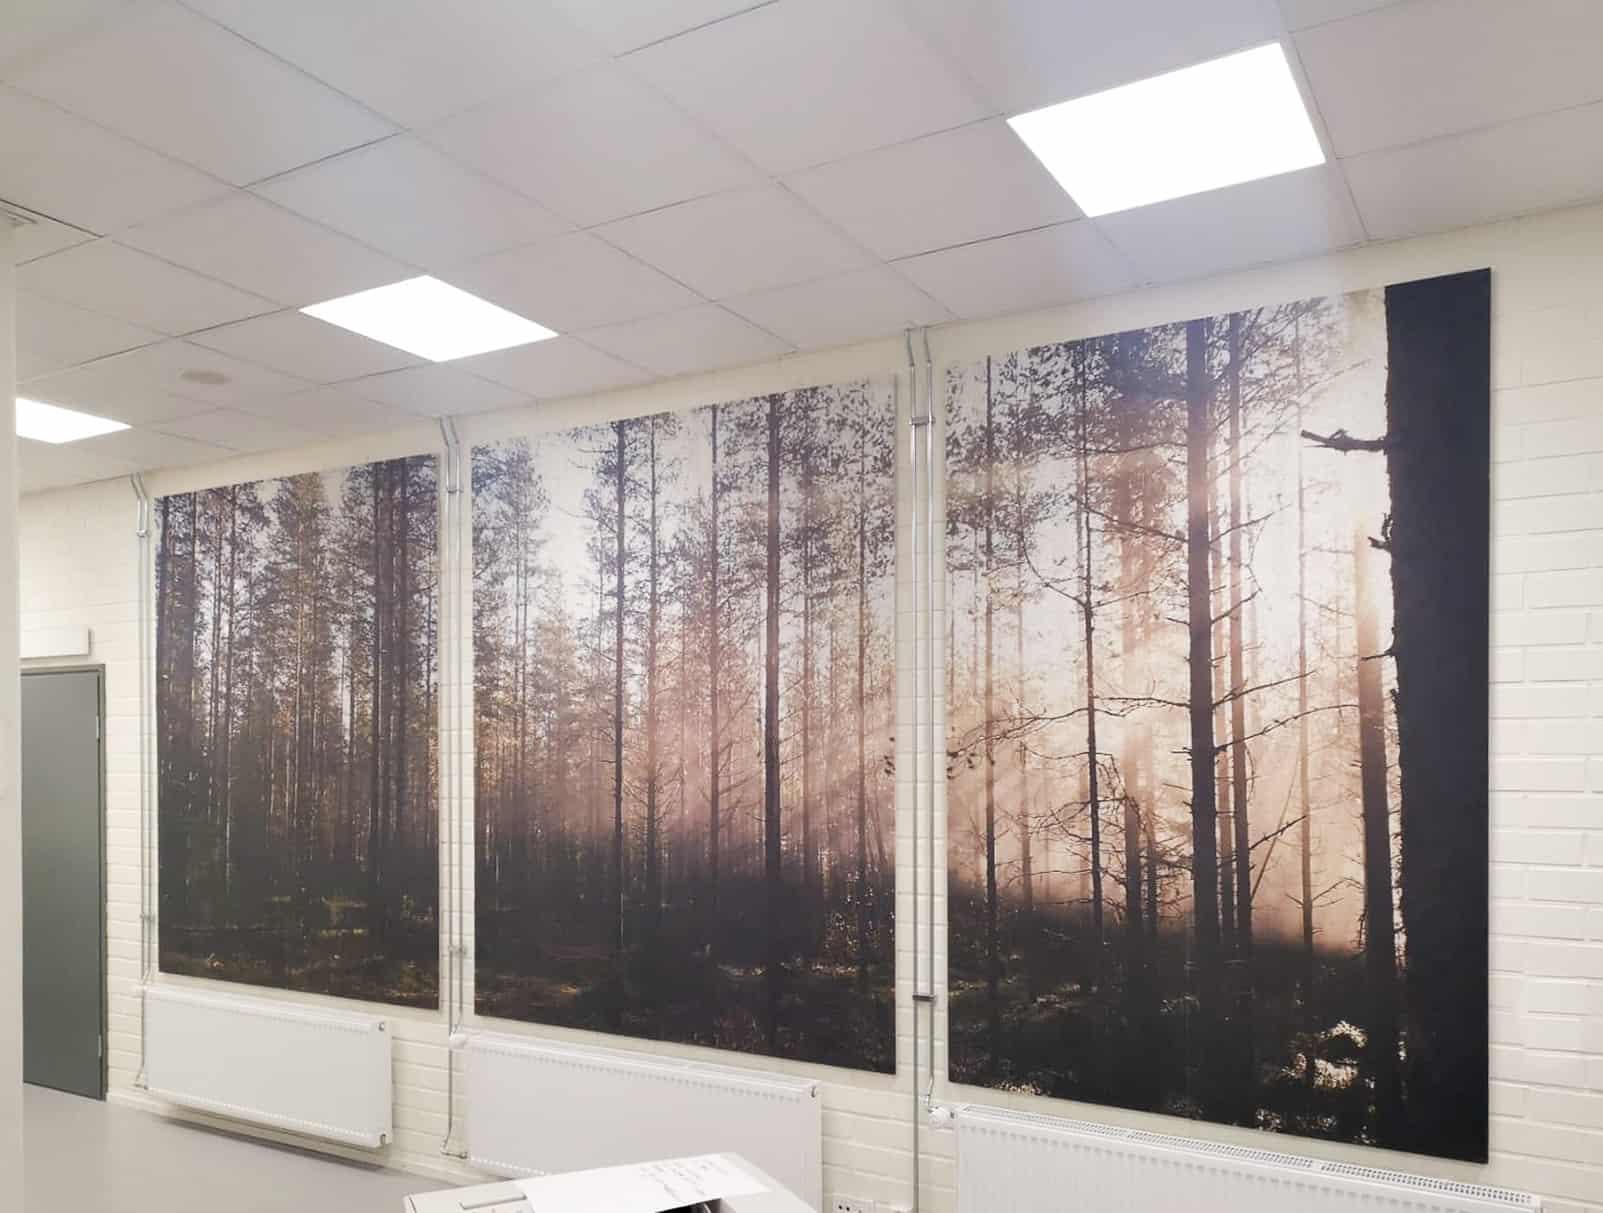 Wald im Büro – bedruckte Akustikplatten